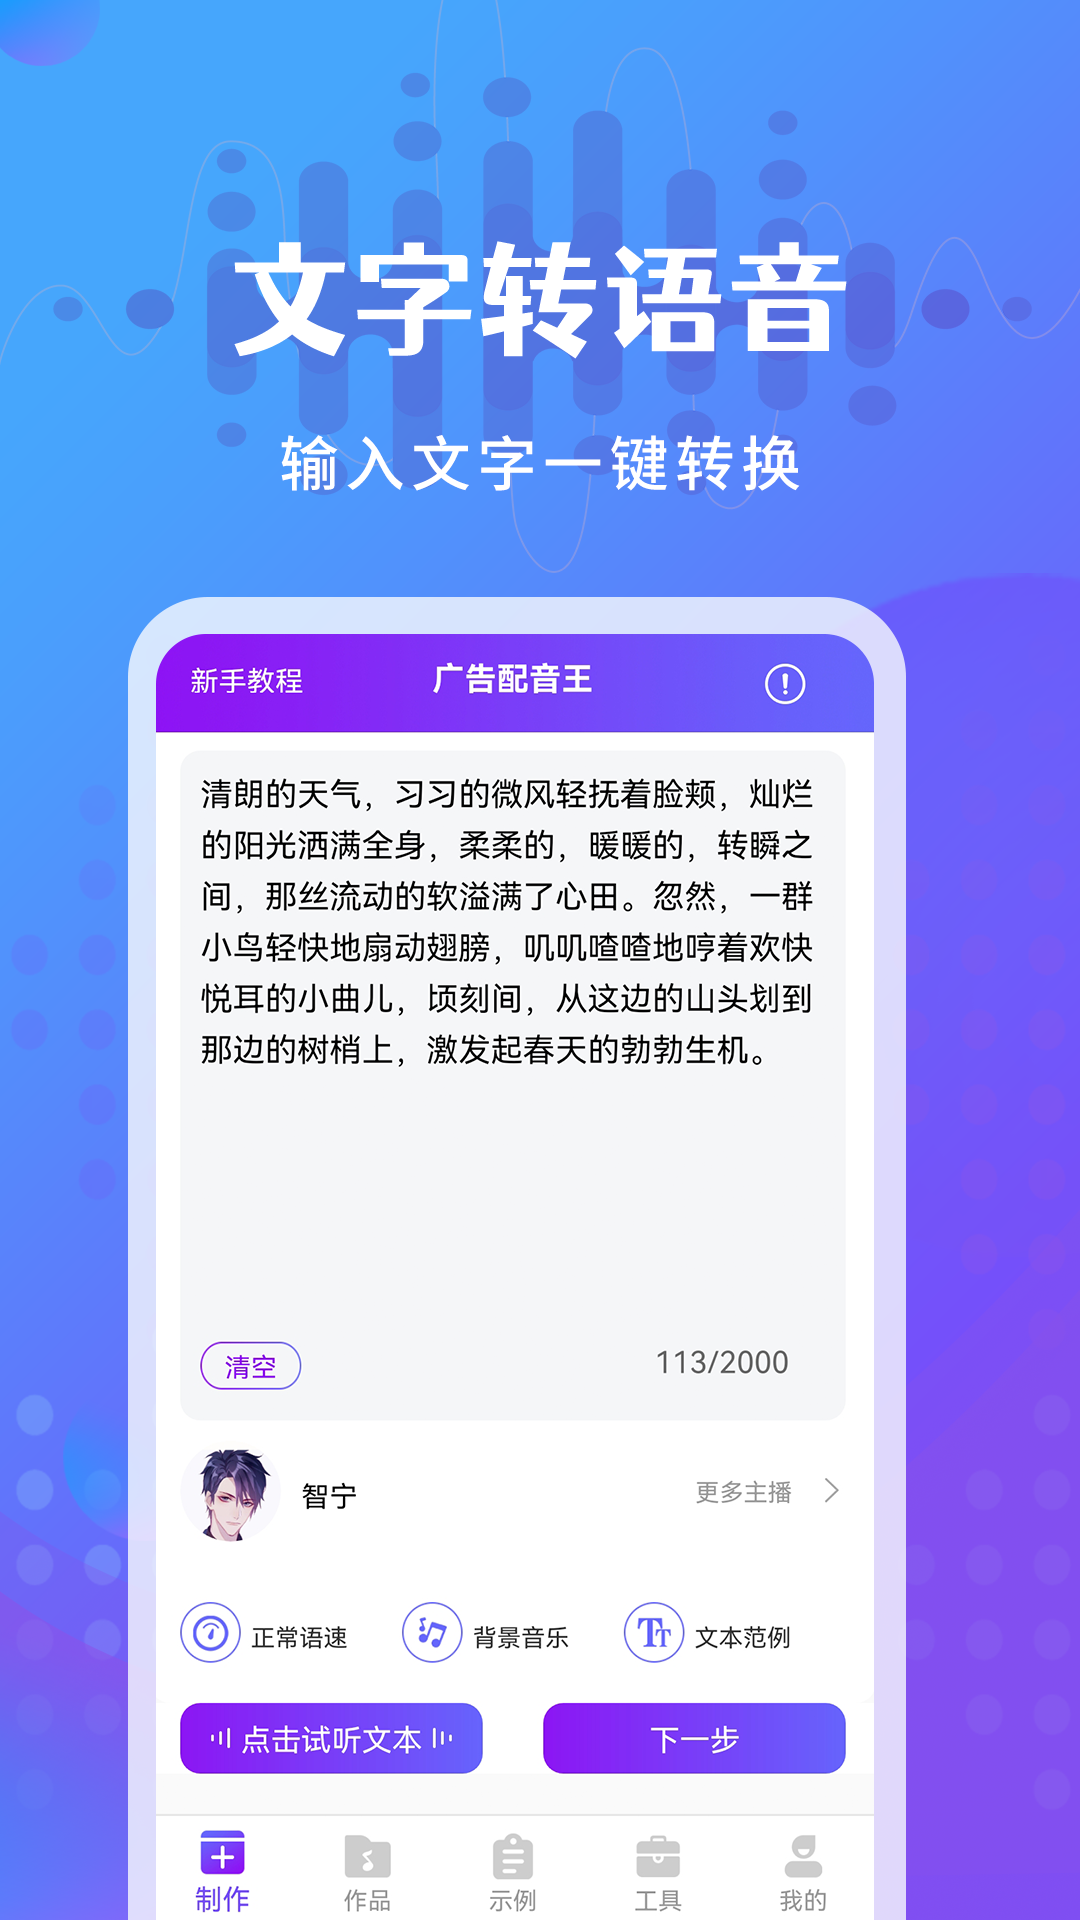 广告配音王 V2.0.3 安卓版截图1